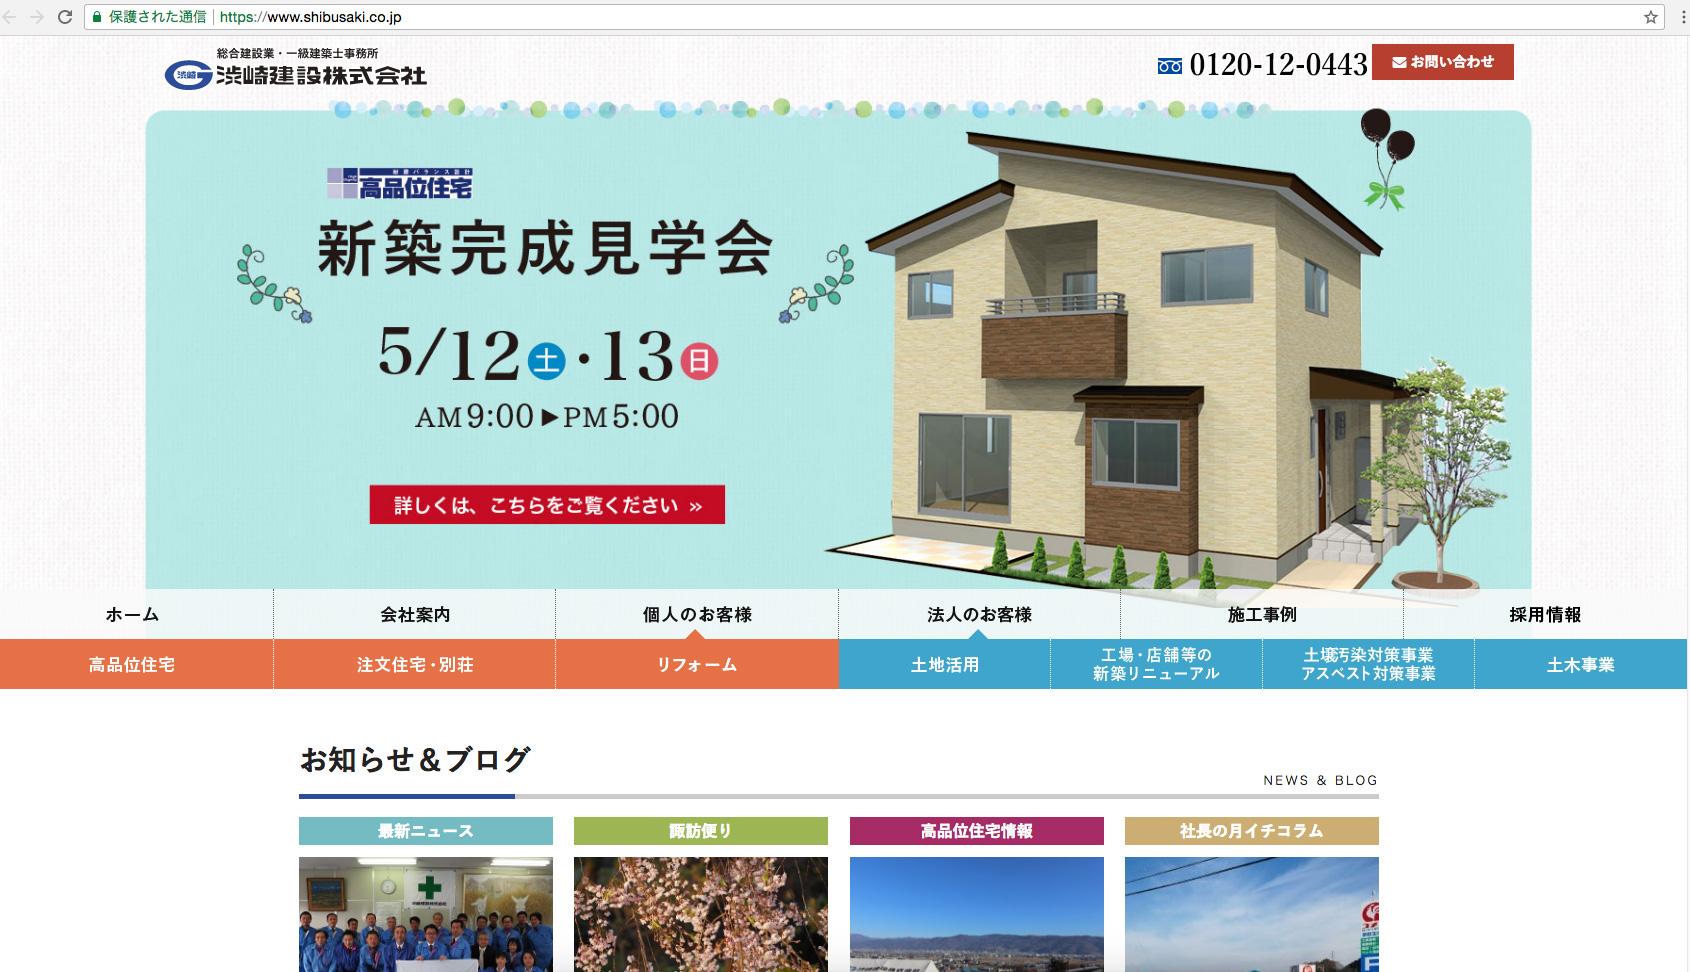 渋崎建設様のホームページがリニューアルされました。